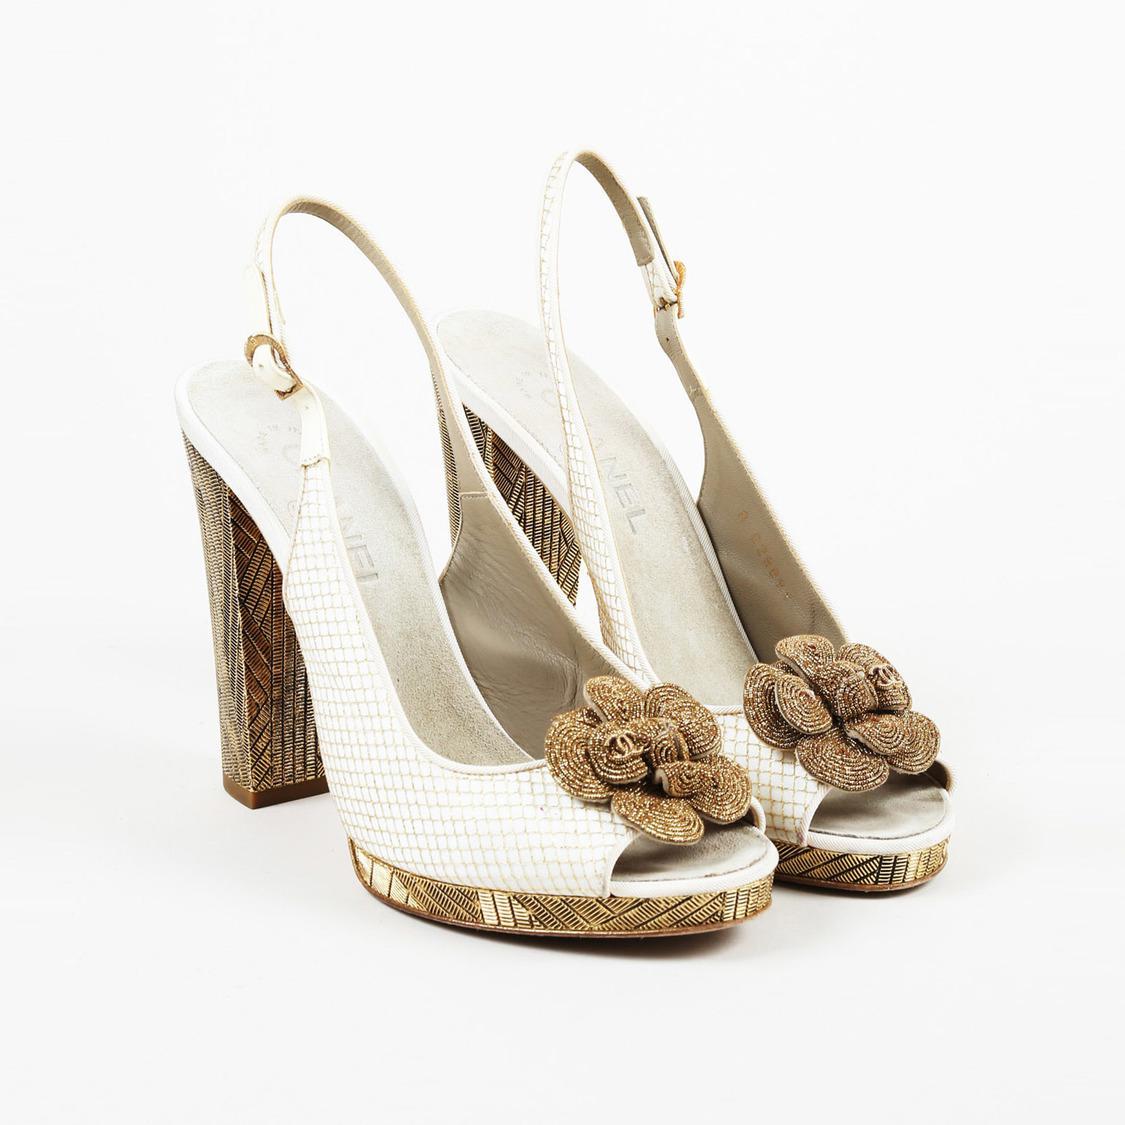 84e1f53f8430 Chanel. Women s Metallic Gold Cream Leather